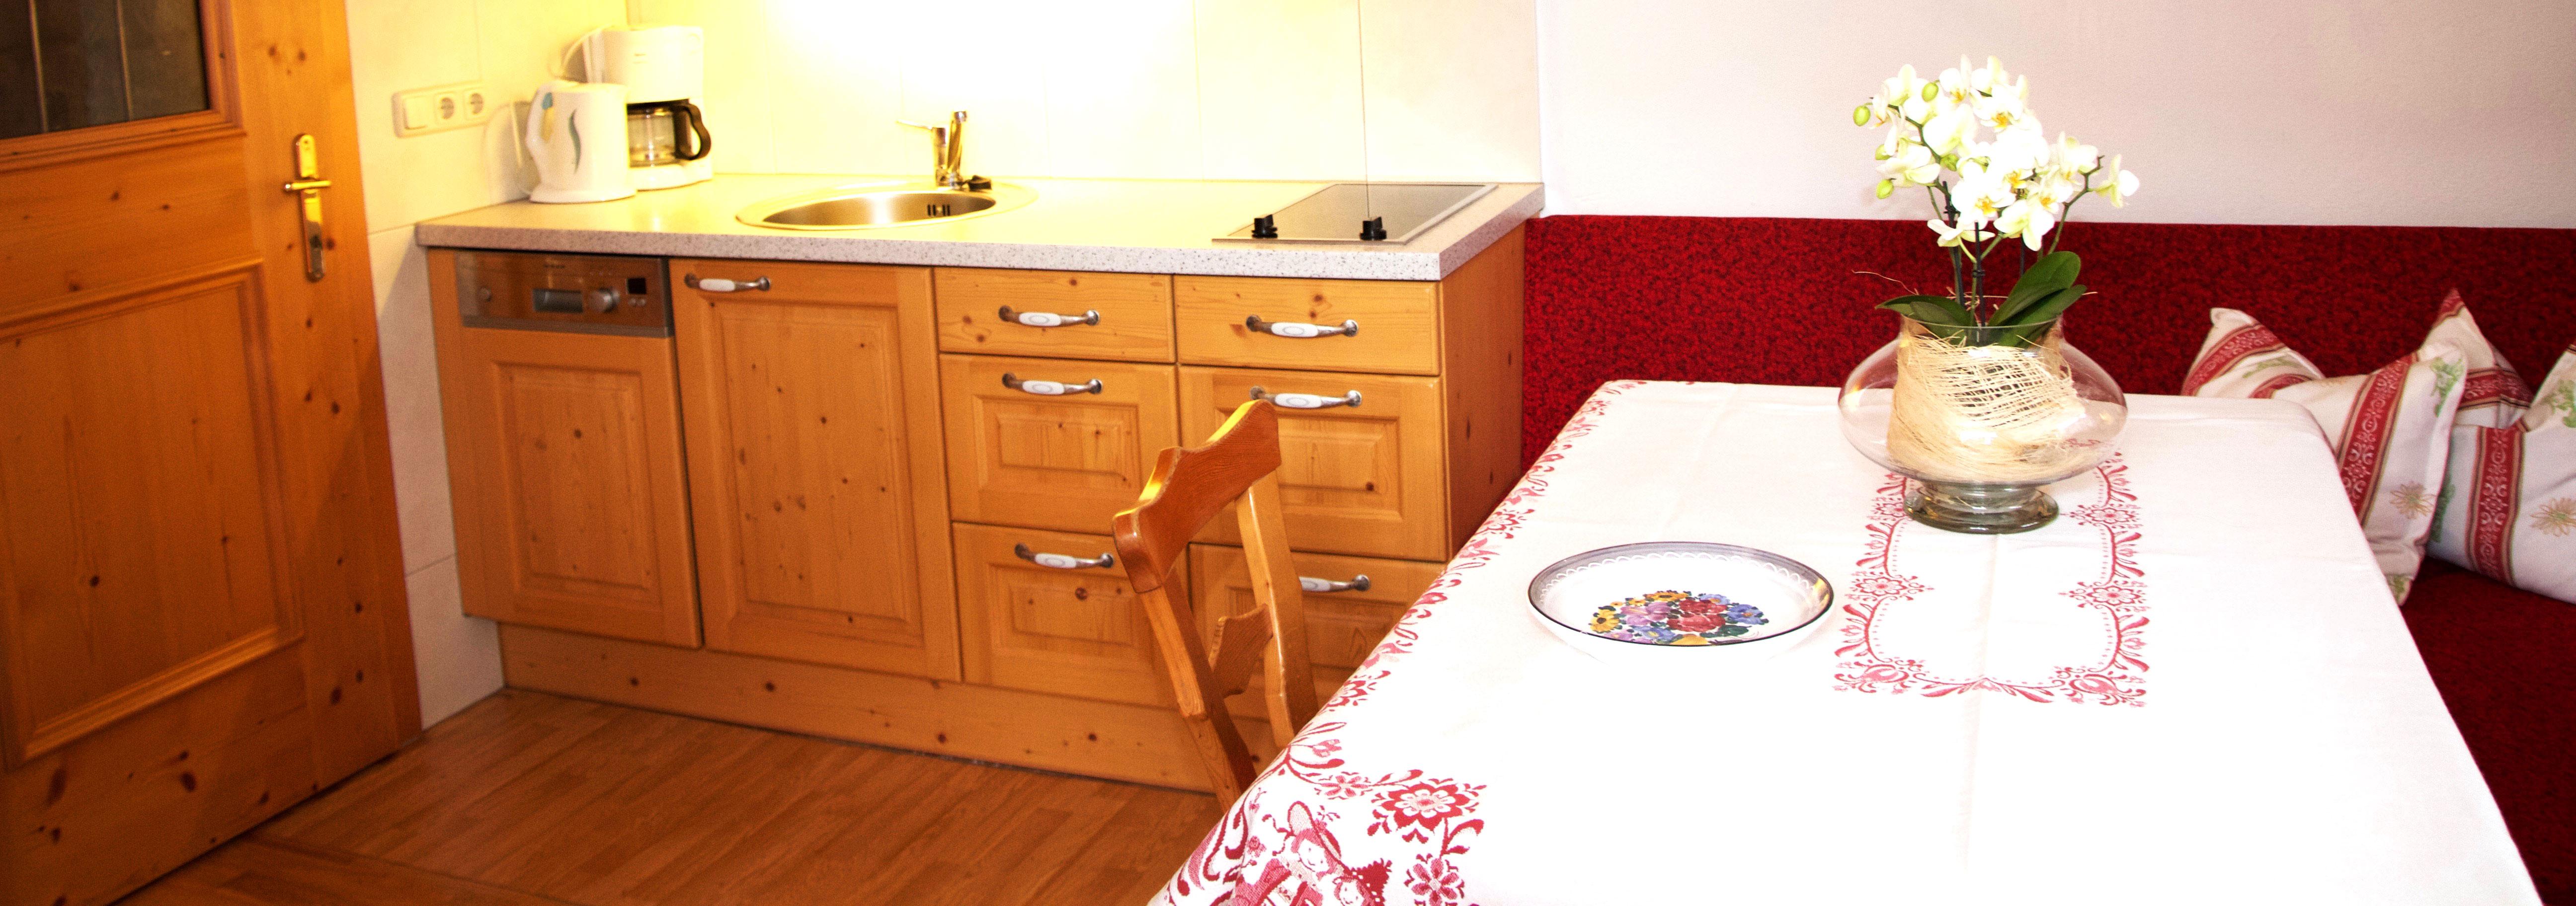 ferienwohnungen alpbach alpbachtal ferienwohnungen haus edelweiss. Black Bedroom Furniture Sets. Home Design Ideas